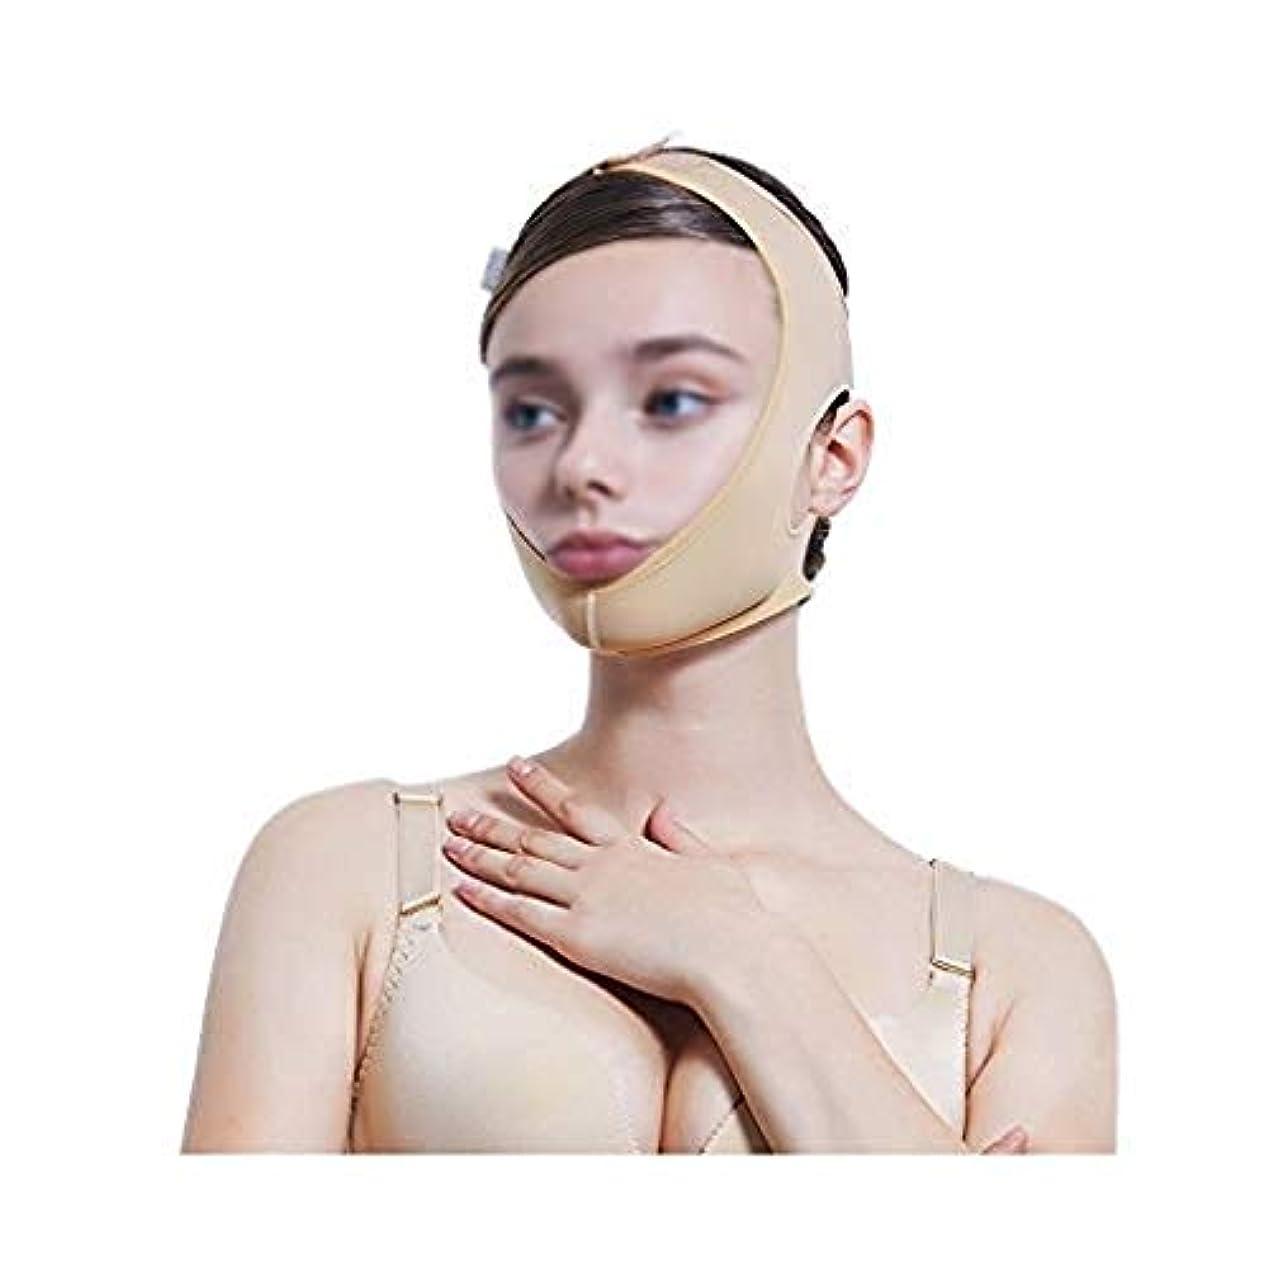 特性いつか密度MLX フェイスアンドネックリフト、減量ポストヘッドシンダブルチンアーティファクトVフェイスビームフェイスジョーセットフェイスマスク (Size : M)